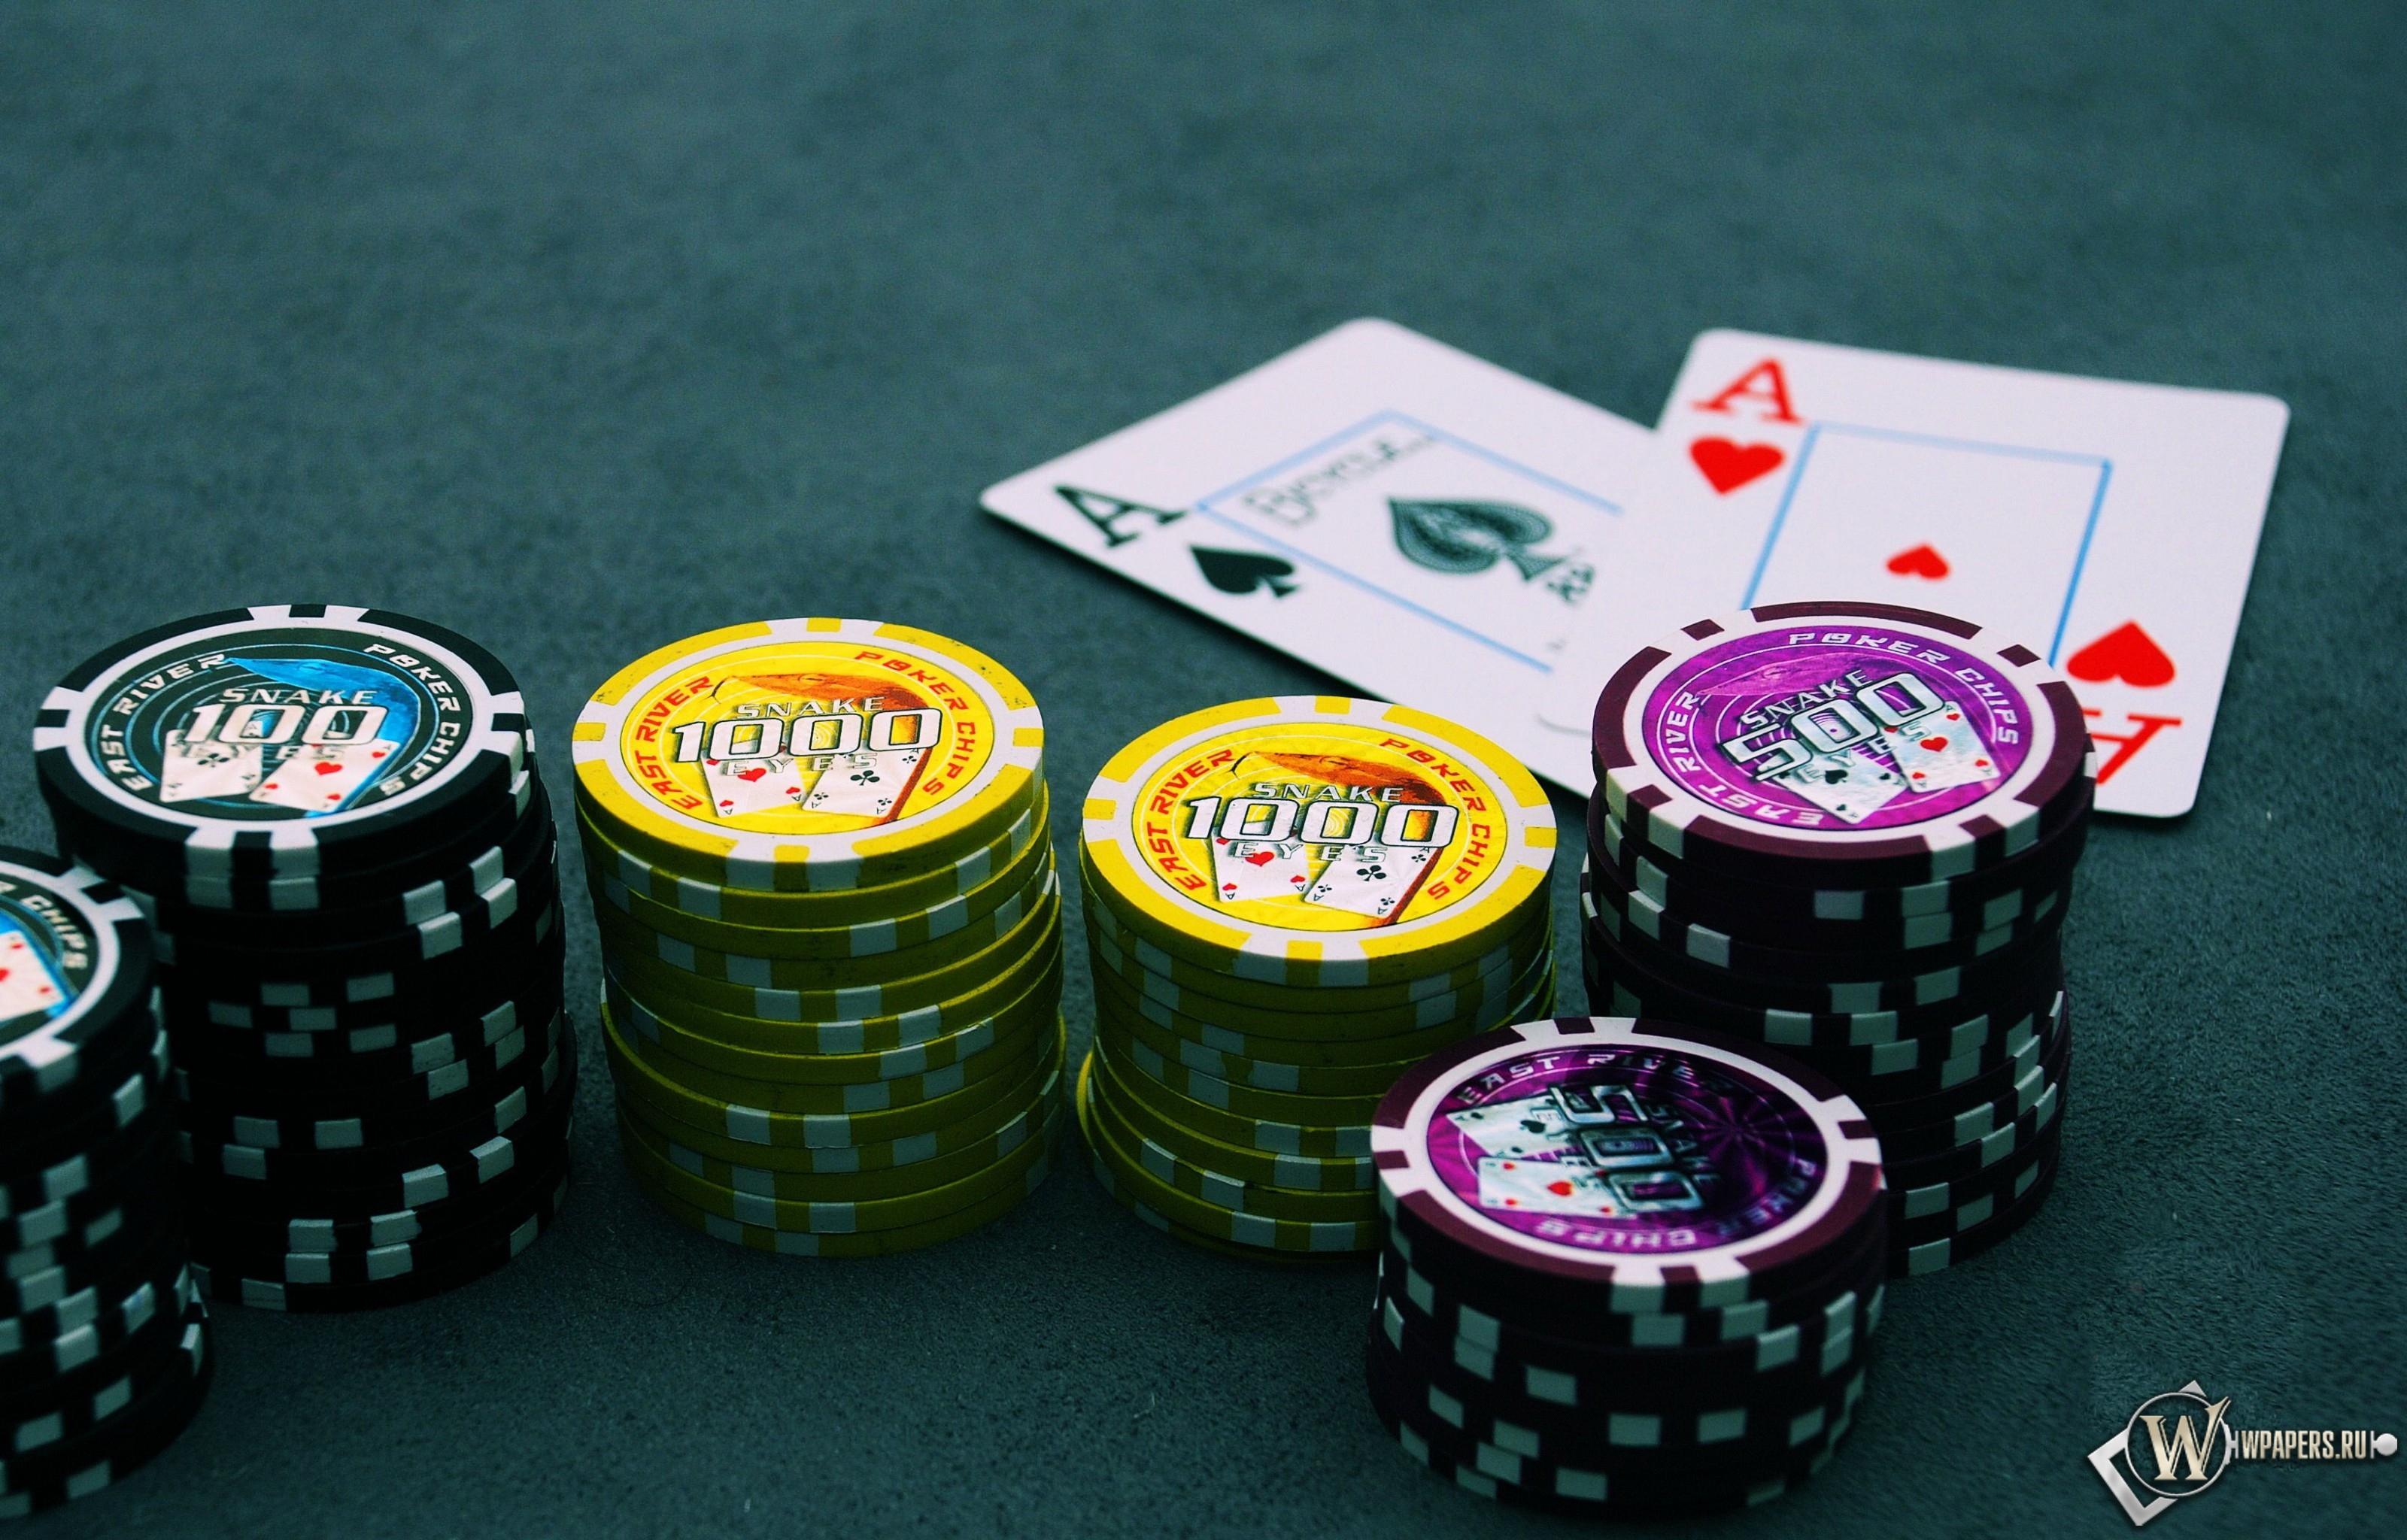 Покер обои на рабочий стол 1920х1080